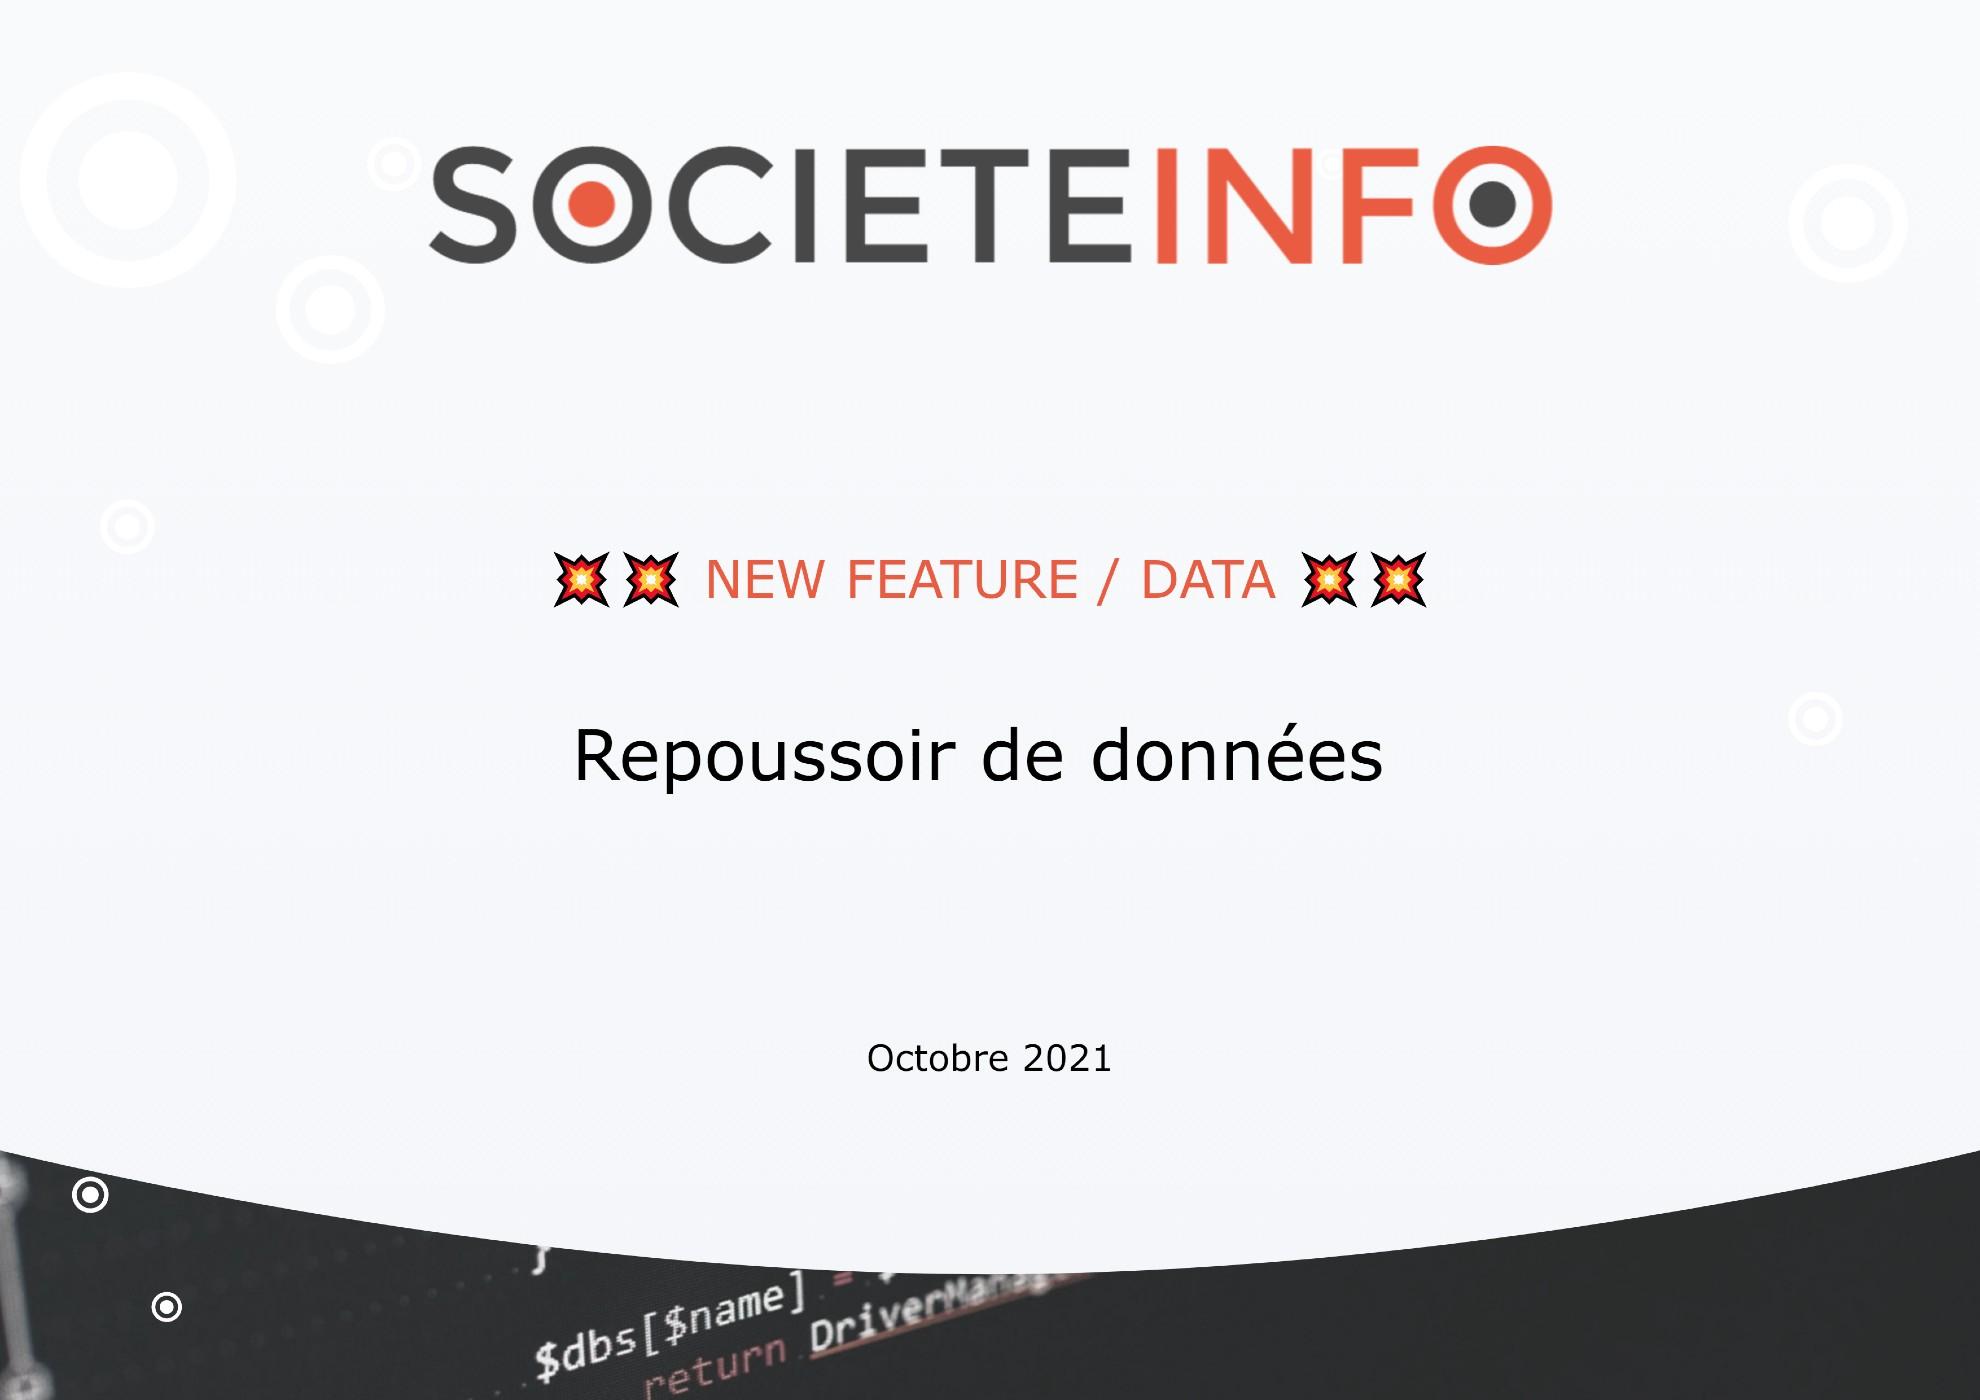 Repoussoir de données | SocieteInfo